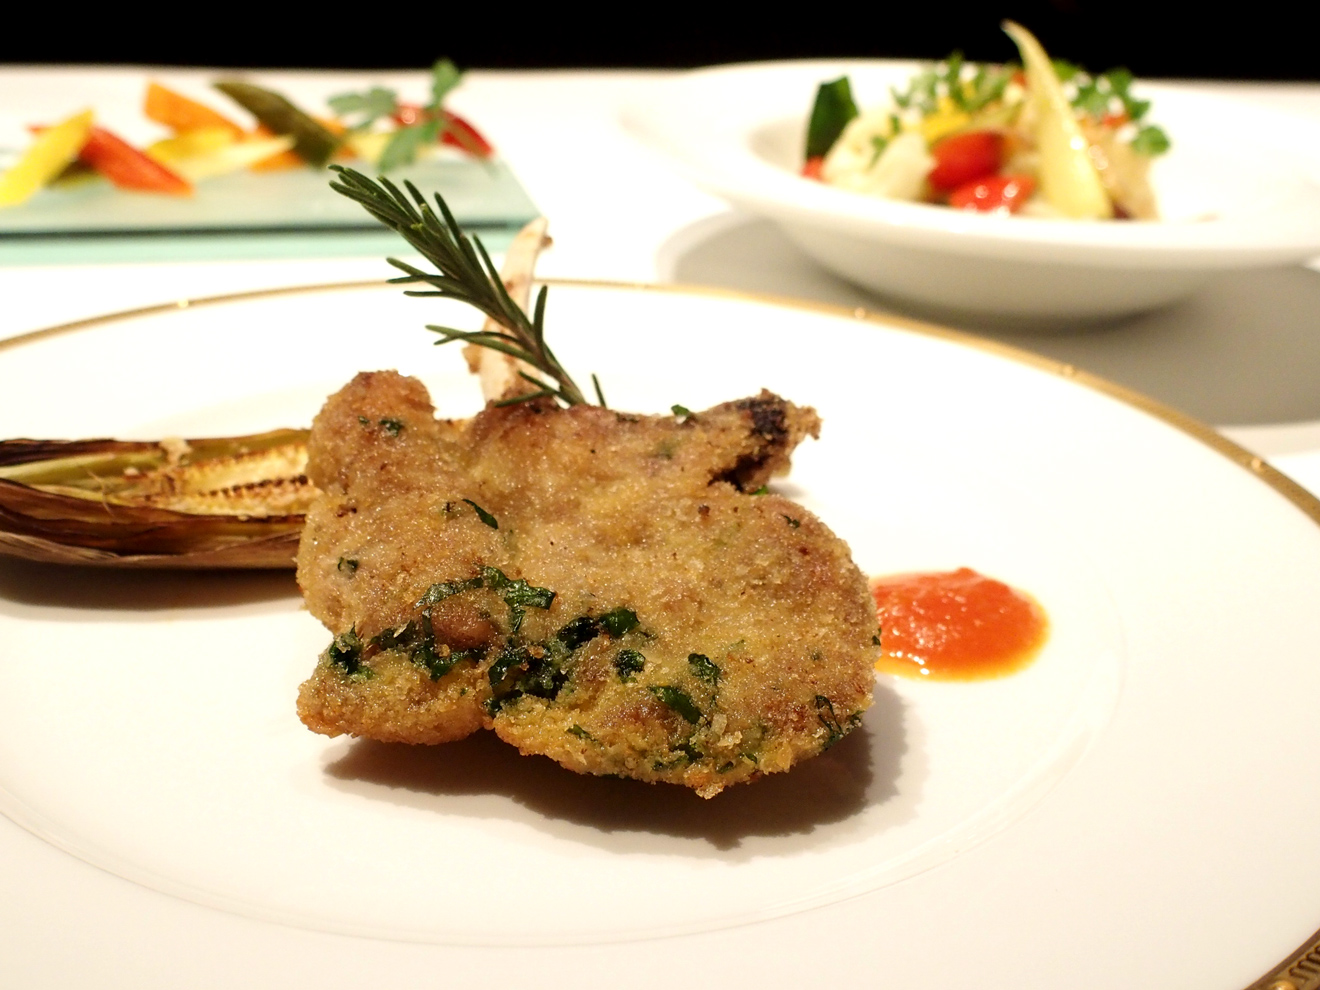 【レシピ】ナポリ風ピクルスのサラダ「リンフォルツォ」と仔羊のカツレツ